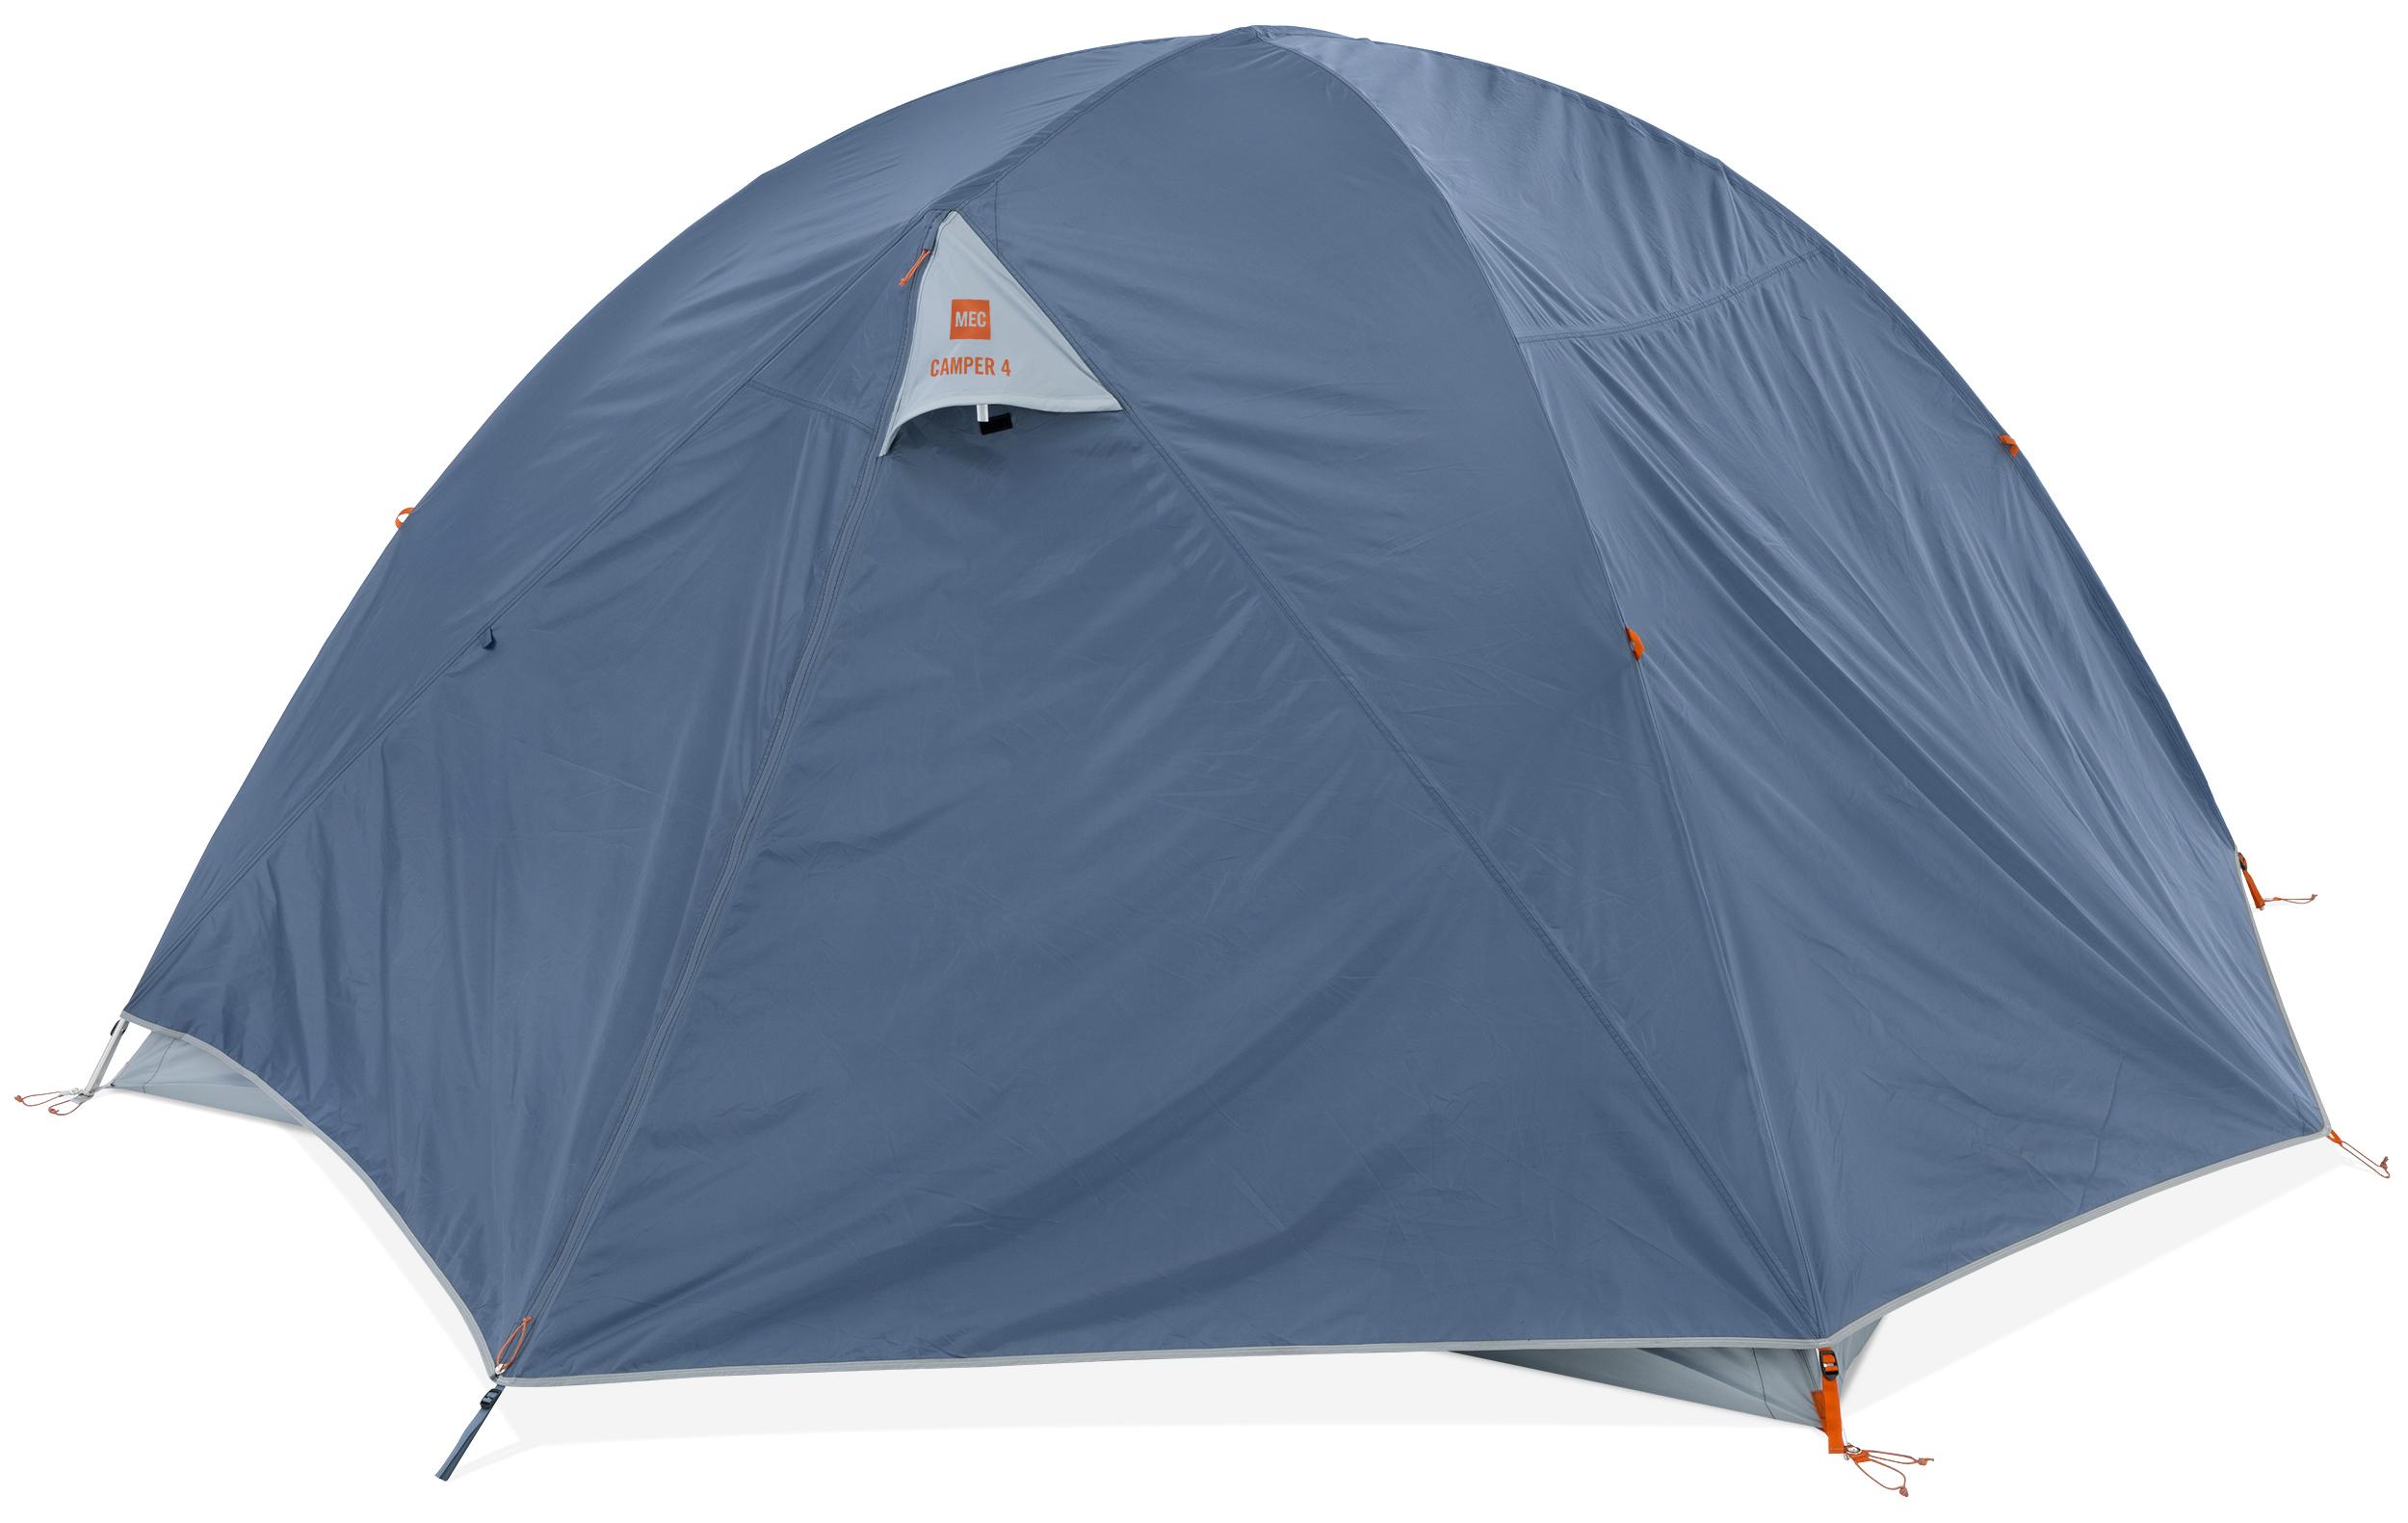 sc 1 st  MEC & MEC Camper 4 Tent